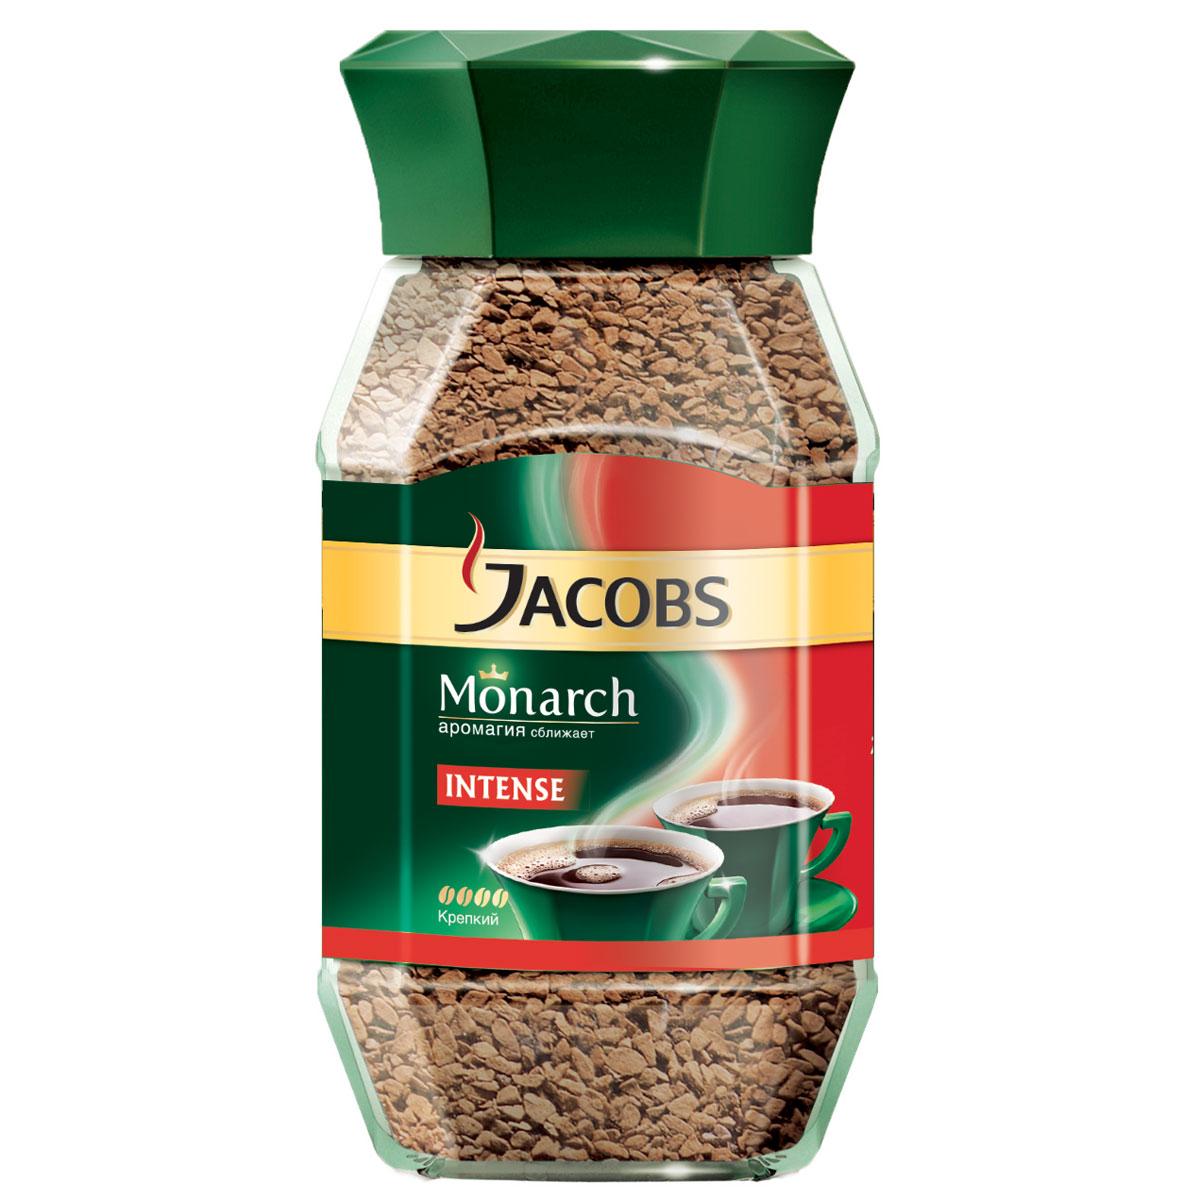 Jacobs Monarch Intense кофе растворимый, 95 г960973Jacobs Monarch Intense обладает наиболее крепким вкусом и притягательным ароматом в линейке Jacobs Monarch благодаря глубокой обжарке тщательно отобранных кофейных зерен. Приготовите кофе Jacobs Monarch Intense для себя и своих близких и почувствуйте, как его Аромагия заполняет все вокруг, создавая особую атмосферу теплоты общения. Jacobs Monarch. Аромагия сближает!